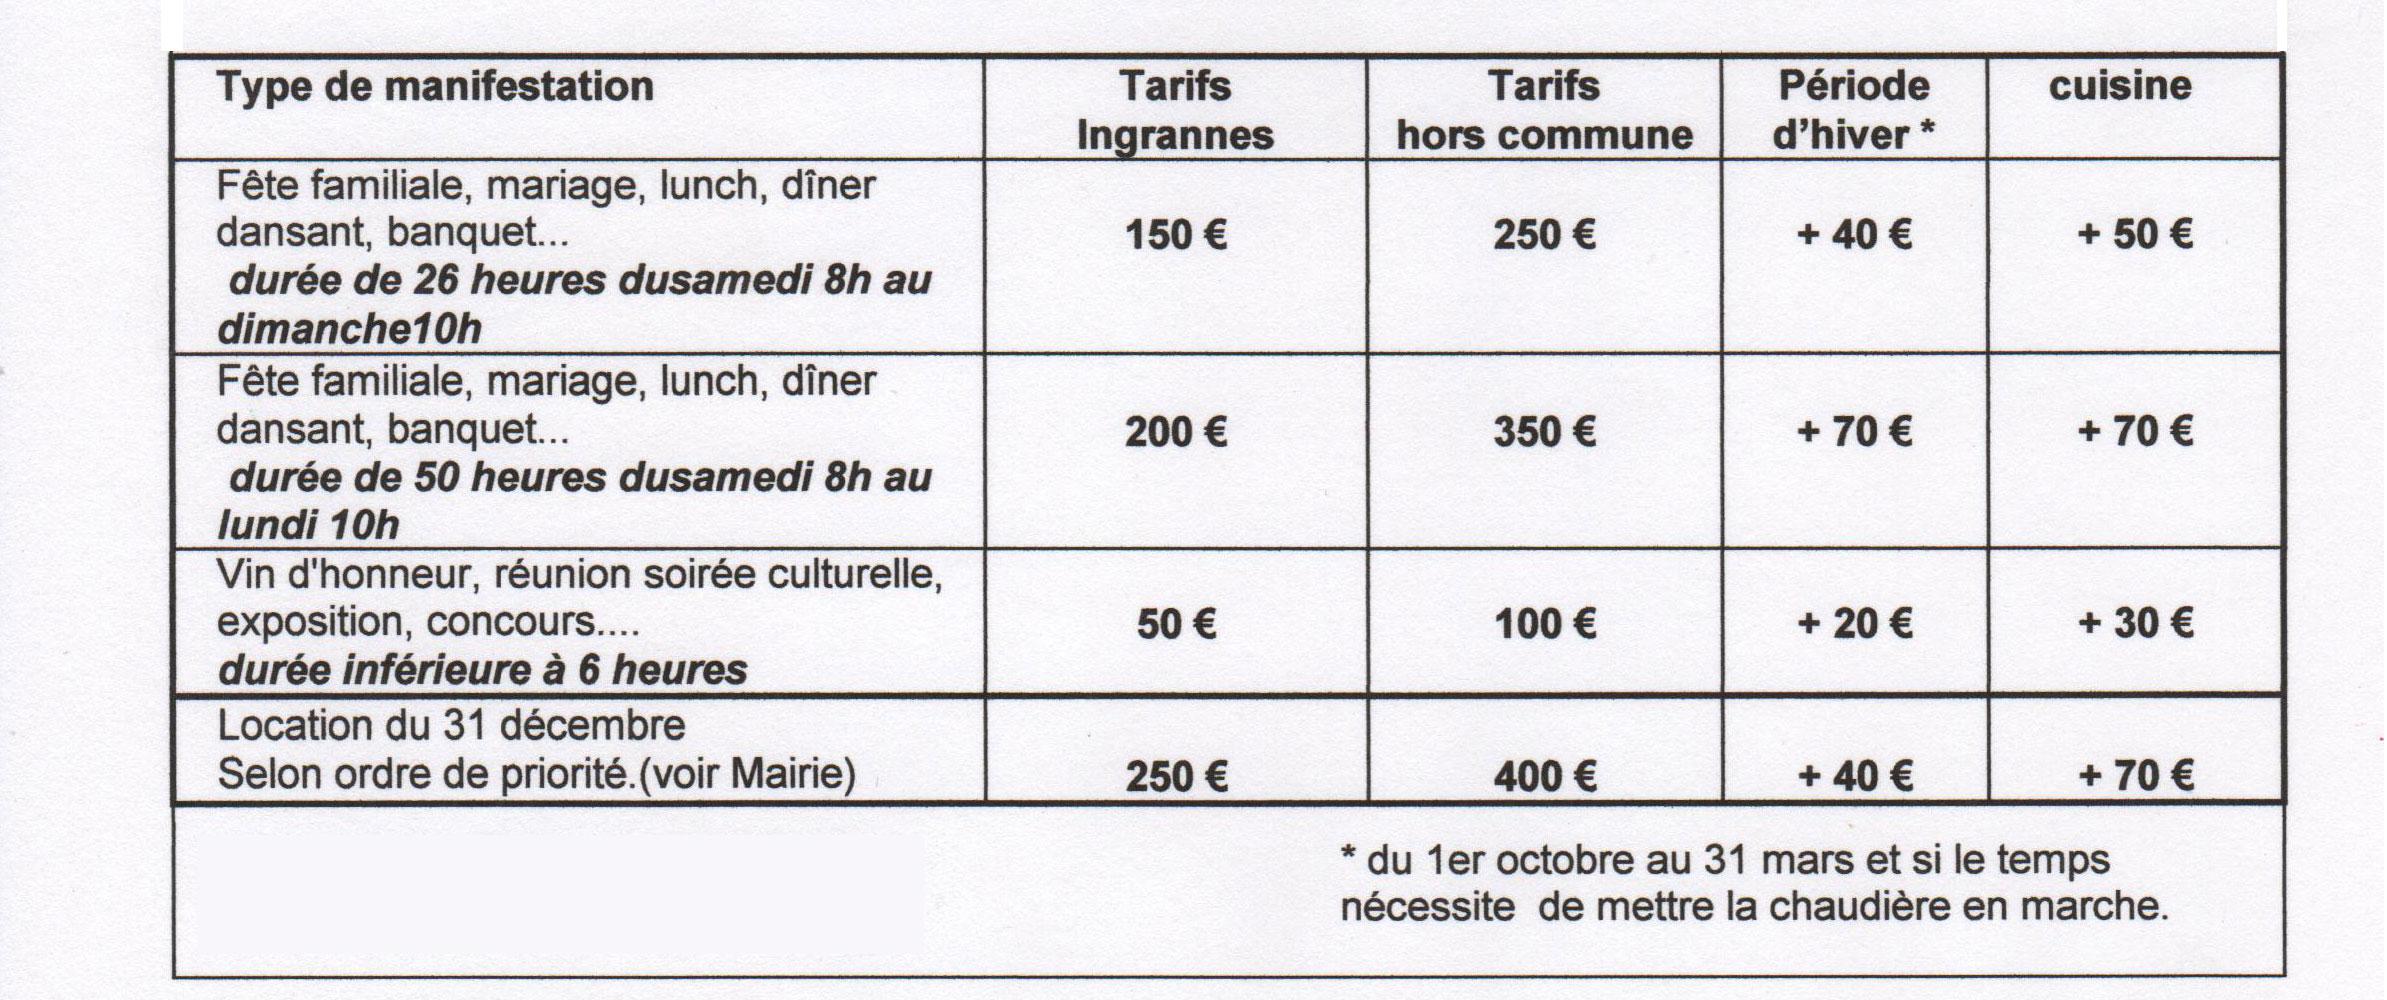 tarif-salle-des-fetes